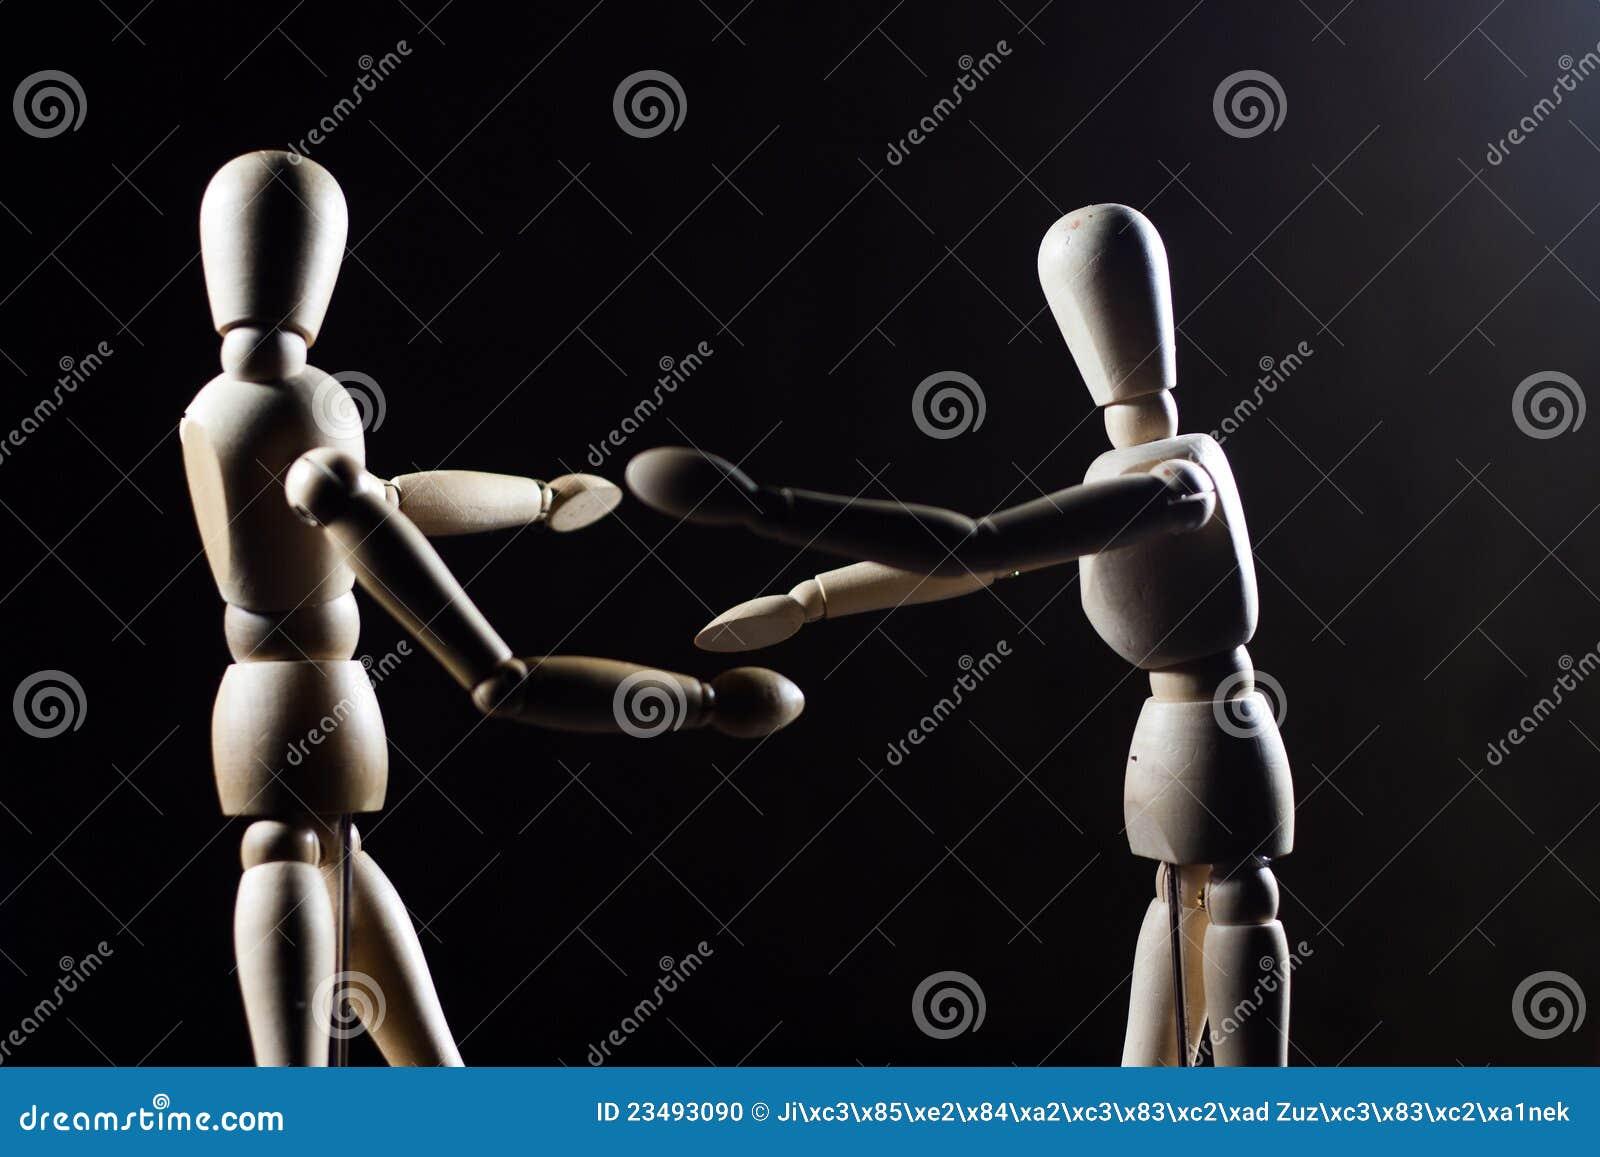 合作伙伴故事